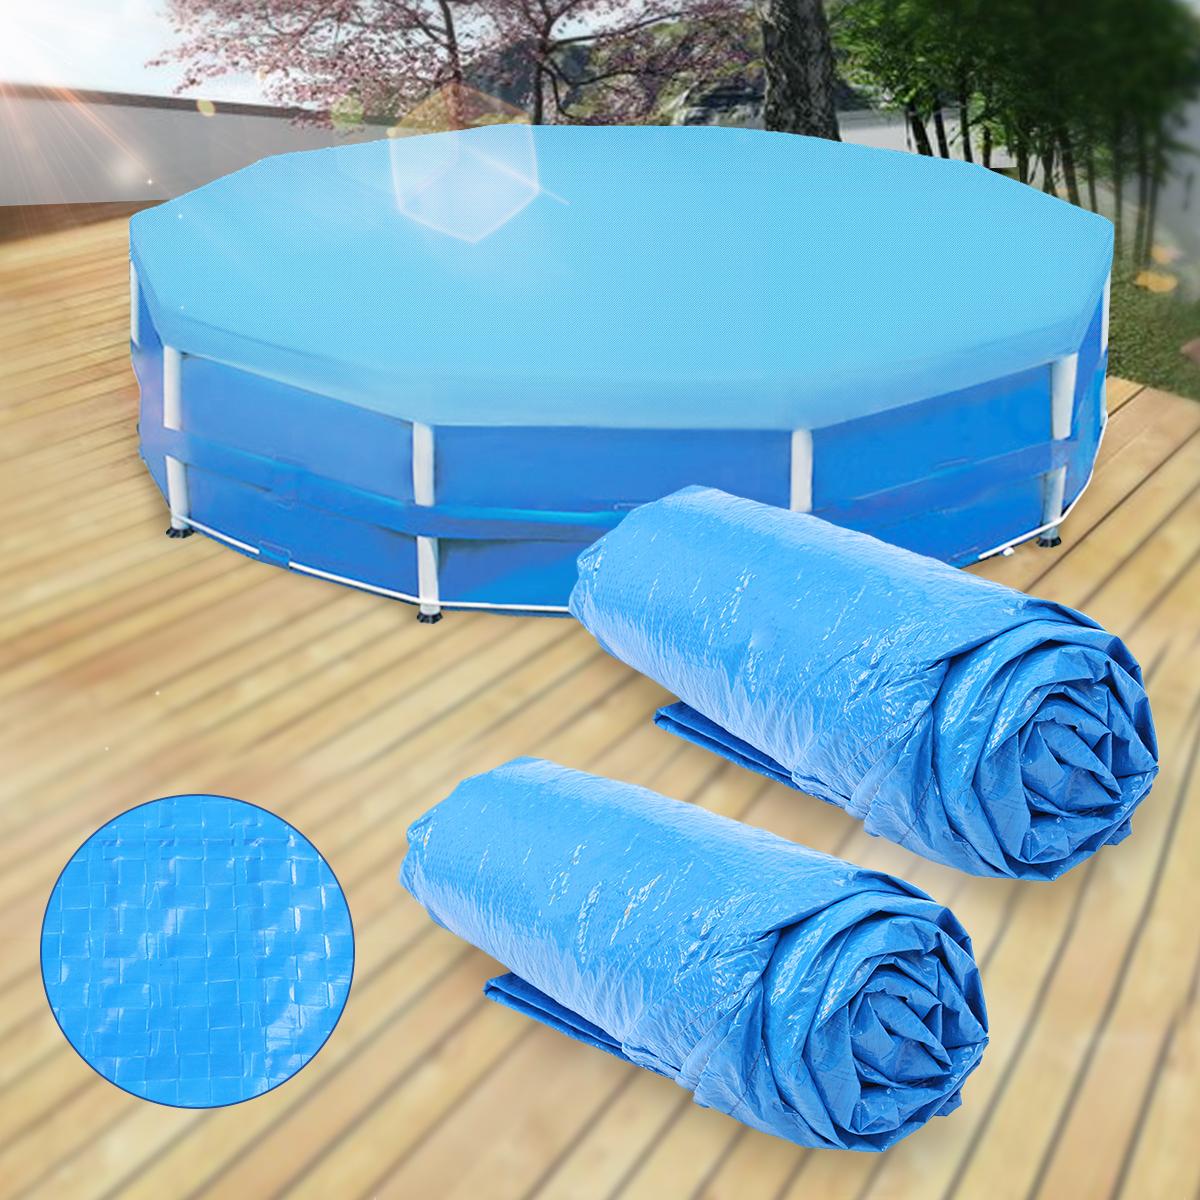 Gadgets - 10ft 12ft Diameter Swimming Pool Cover Roller Family Garden Polar